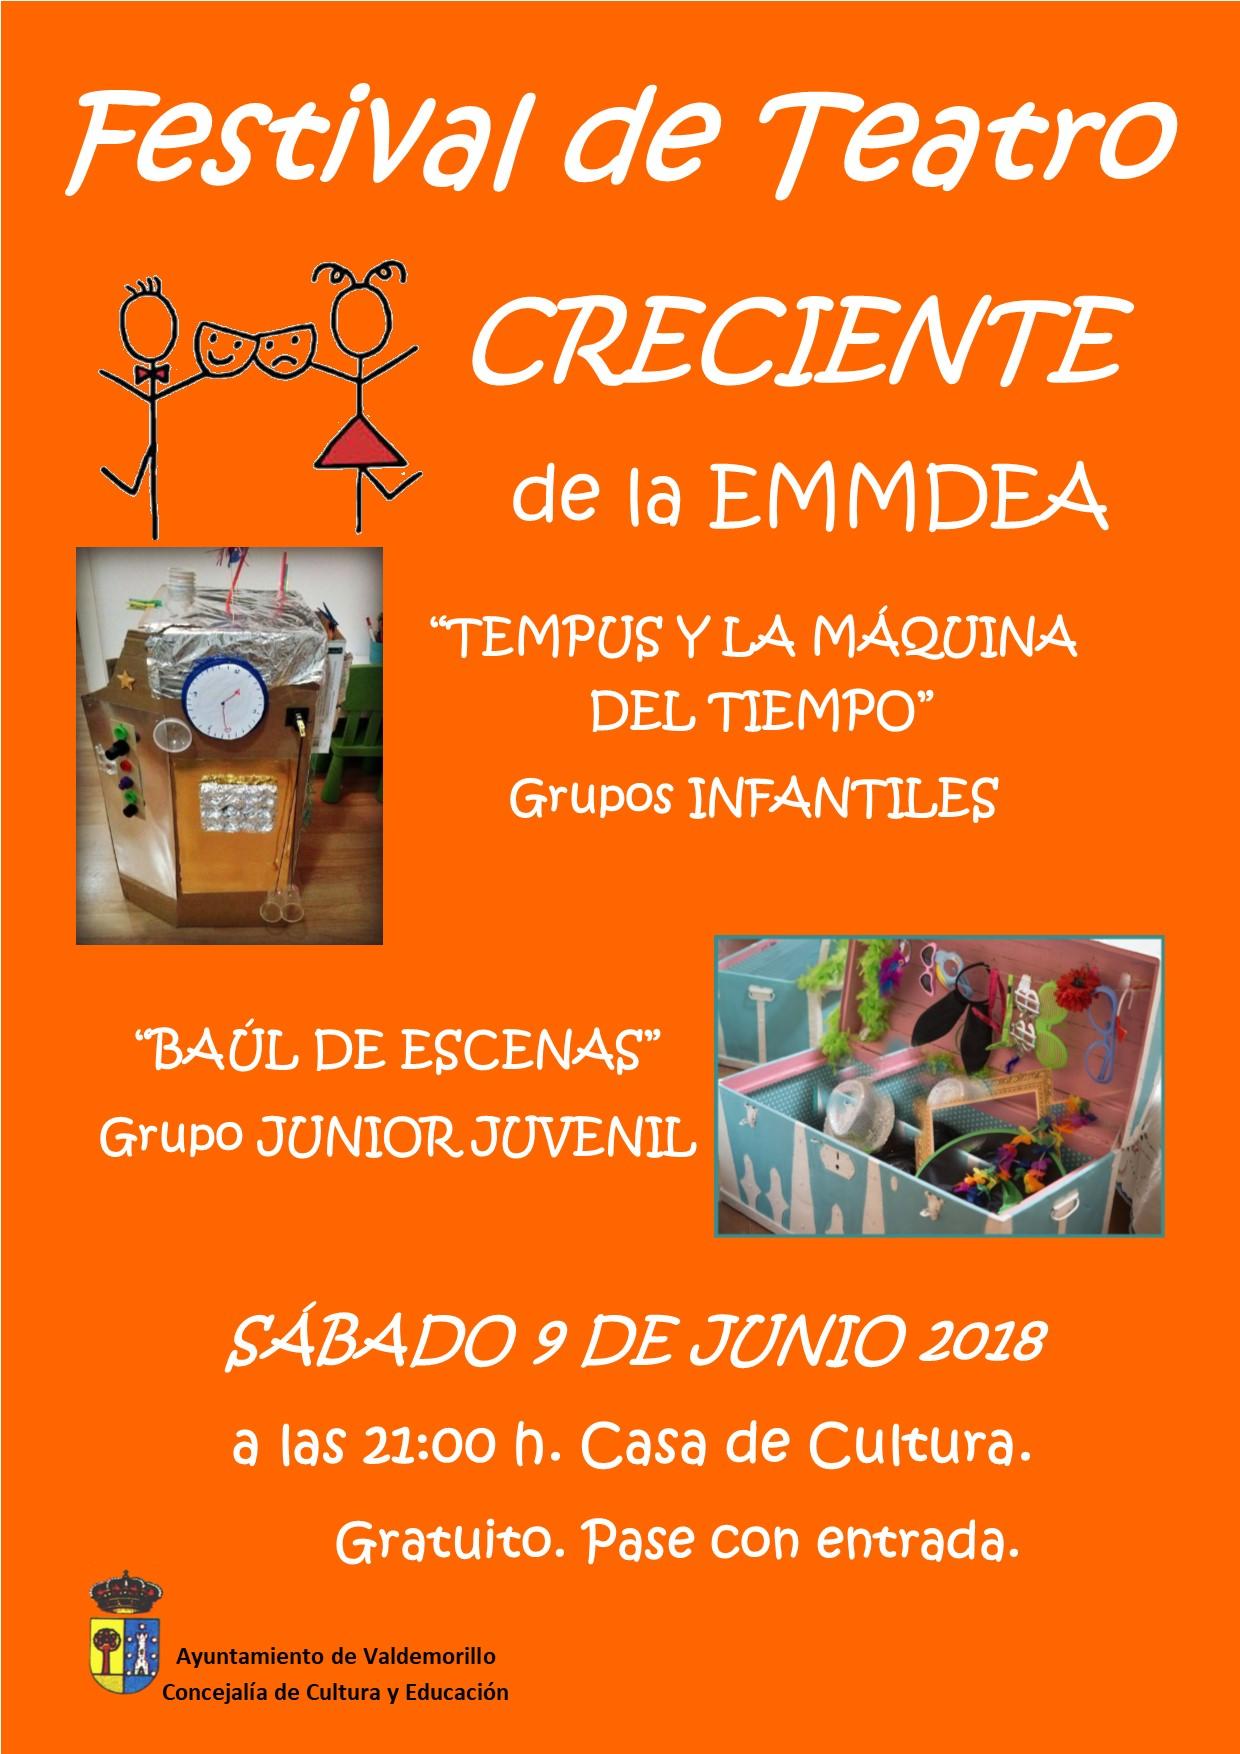 2018-06-09 CARTEL TEATRO CRECIENTE